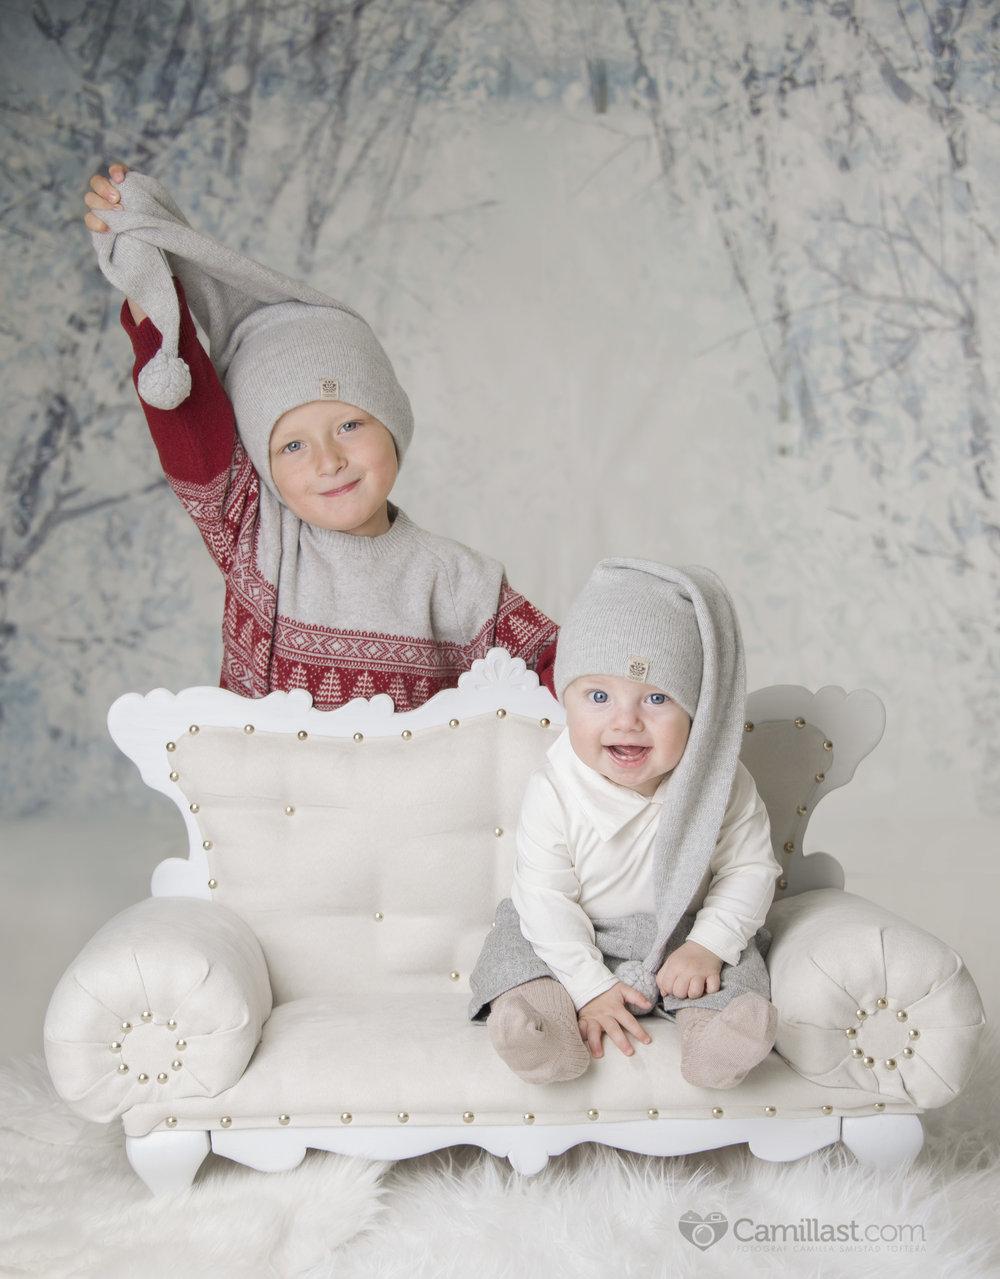 Slik vil oppsettet/bakgrunnen bli på årets bilder. Perfekt for 1-4 barn. Det er mulig å sette inn krakk/stol, liten trekasse etc ut i fra alder og antall barn om man vil ikke bruke denne sofaen.